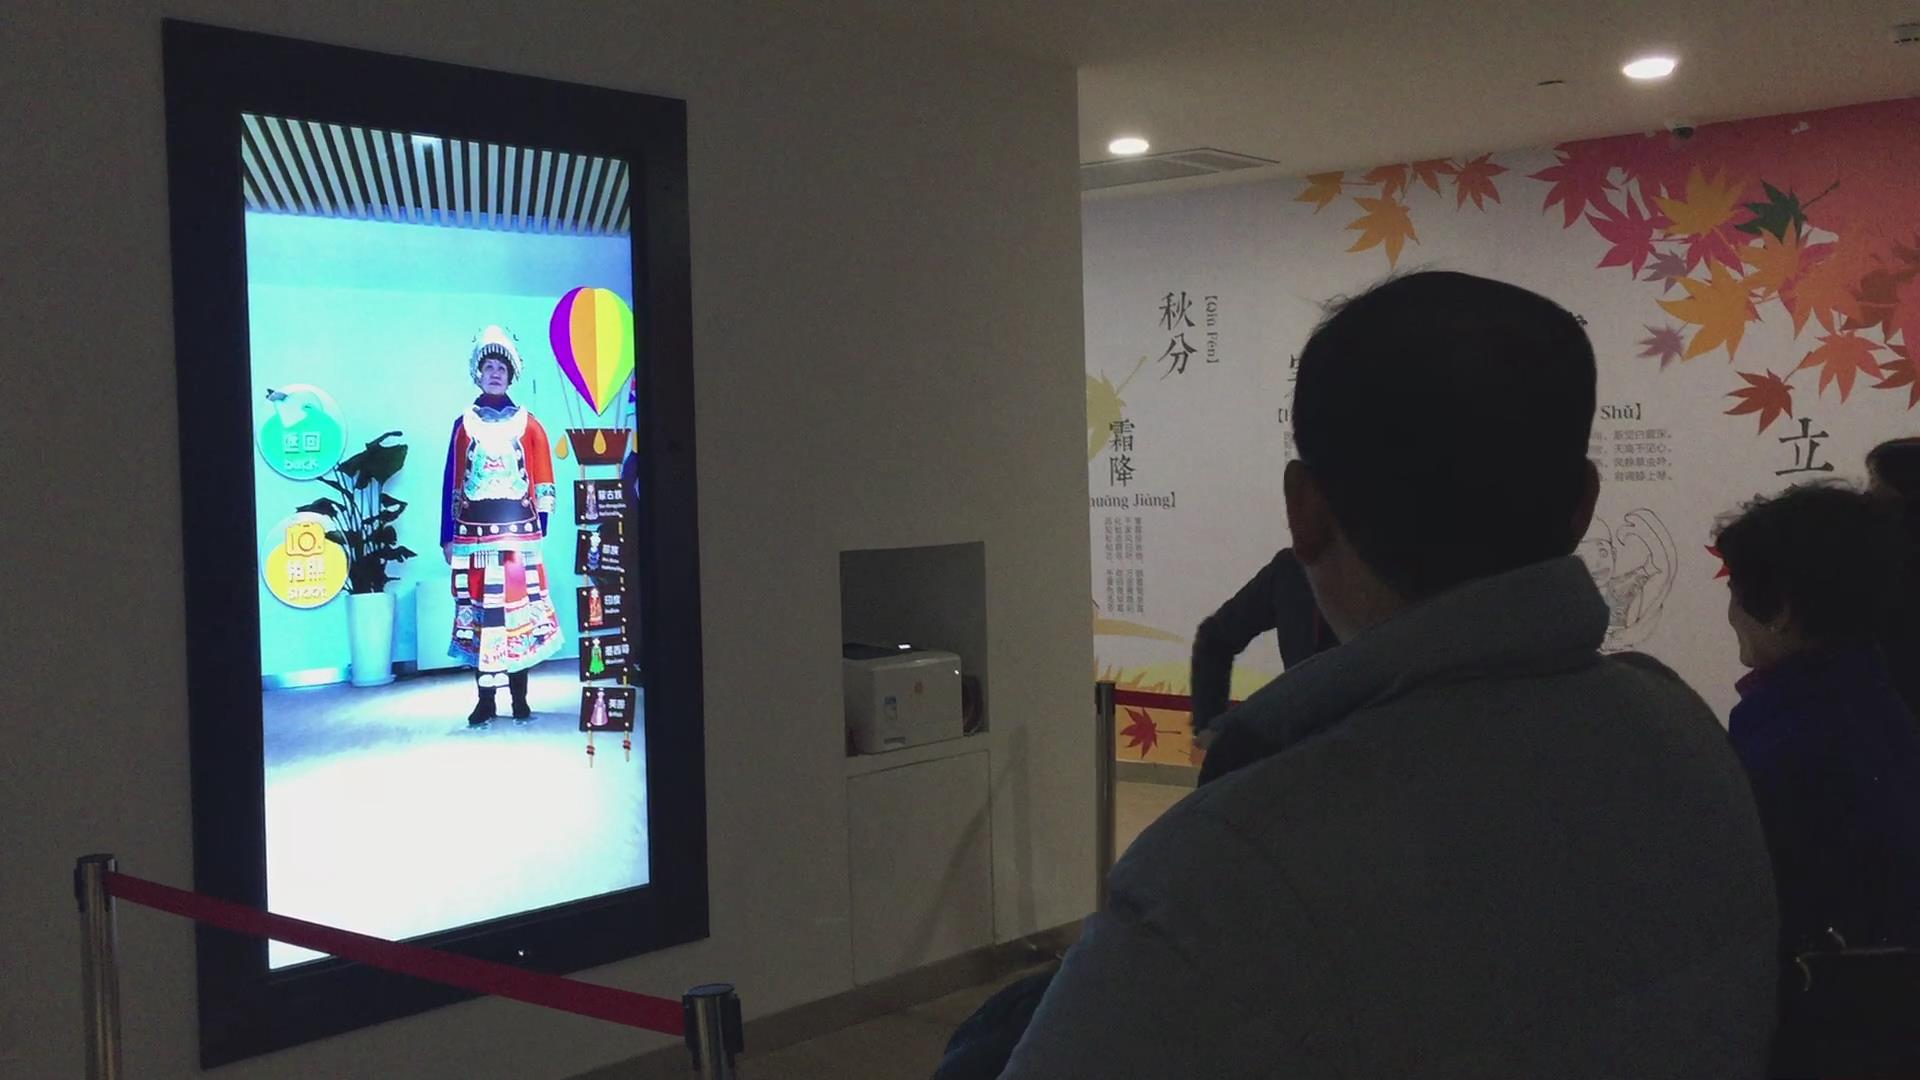 虚拟试衣技术_[视频]上海大世界体感虚拟换衣系统 -火米互动